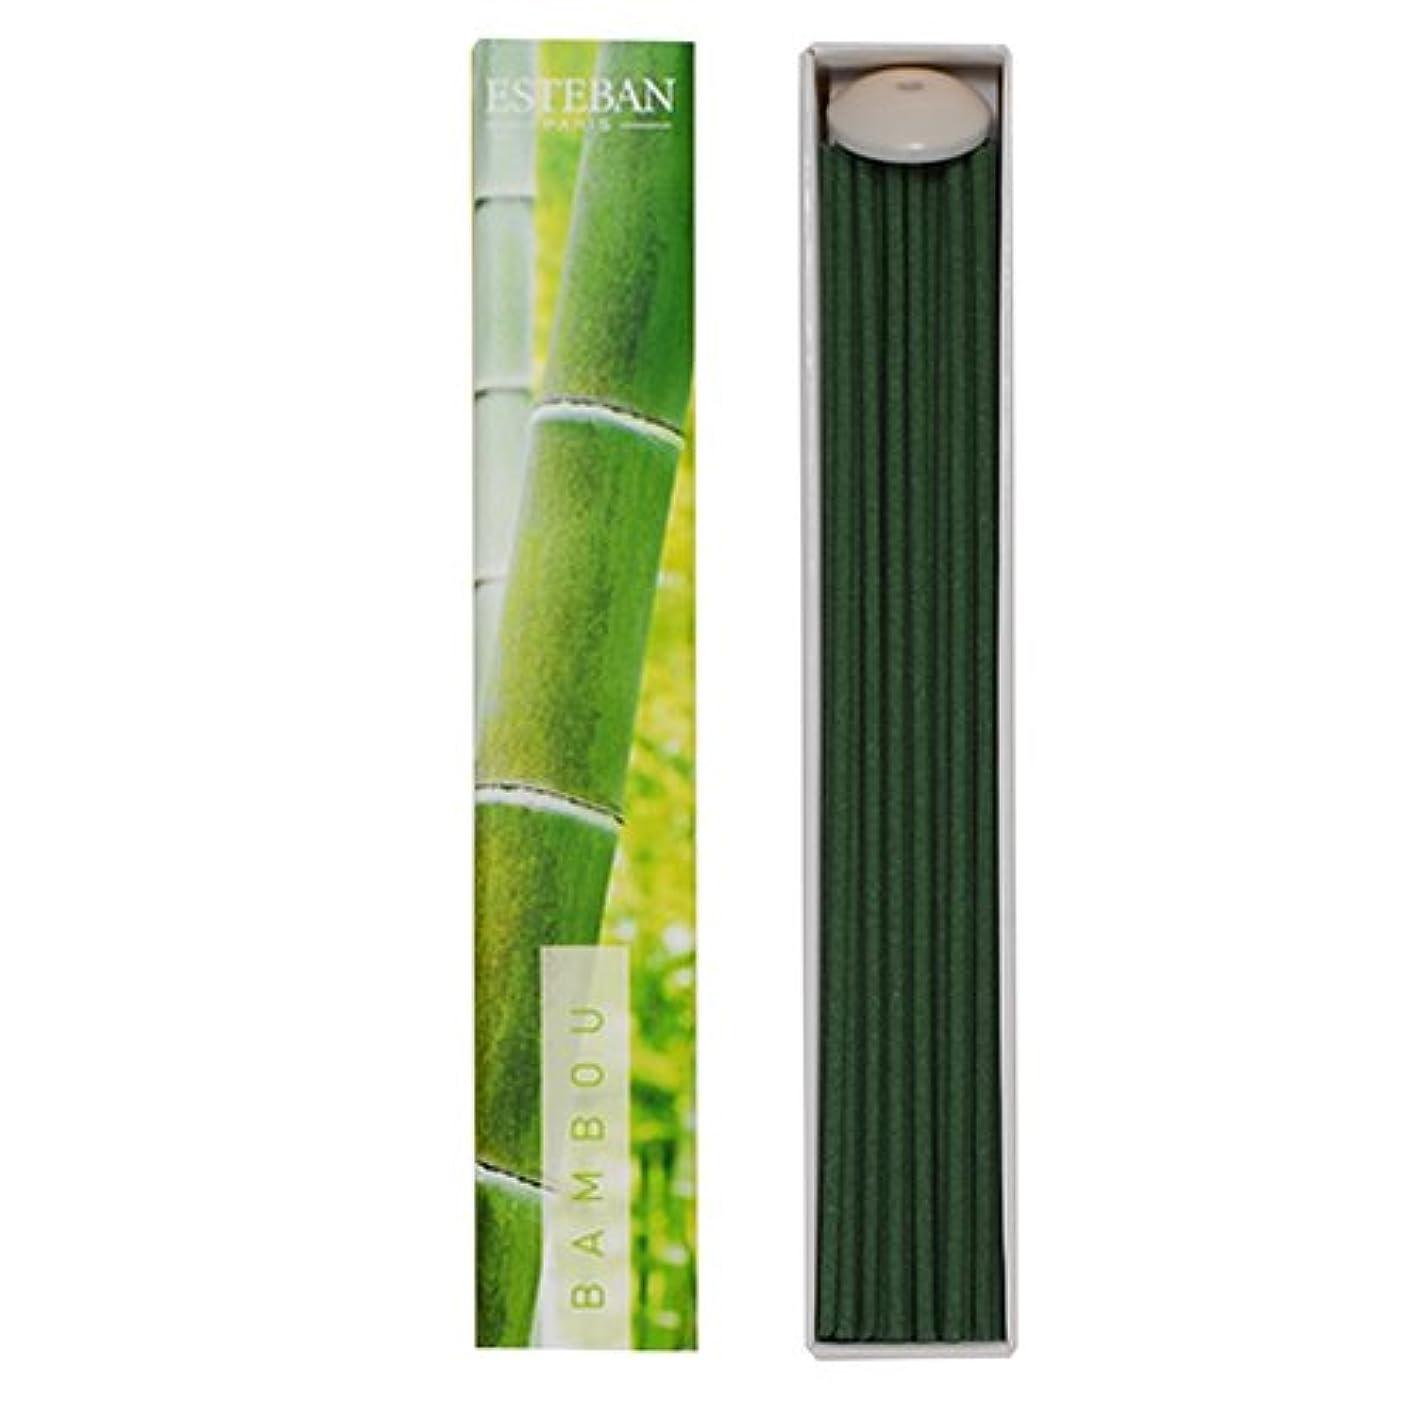 明快厚さ食品エステバンのお香 エスプリドナチュール バンブー(竹)スティック